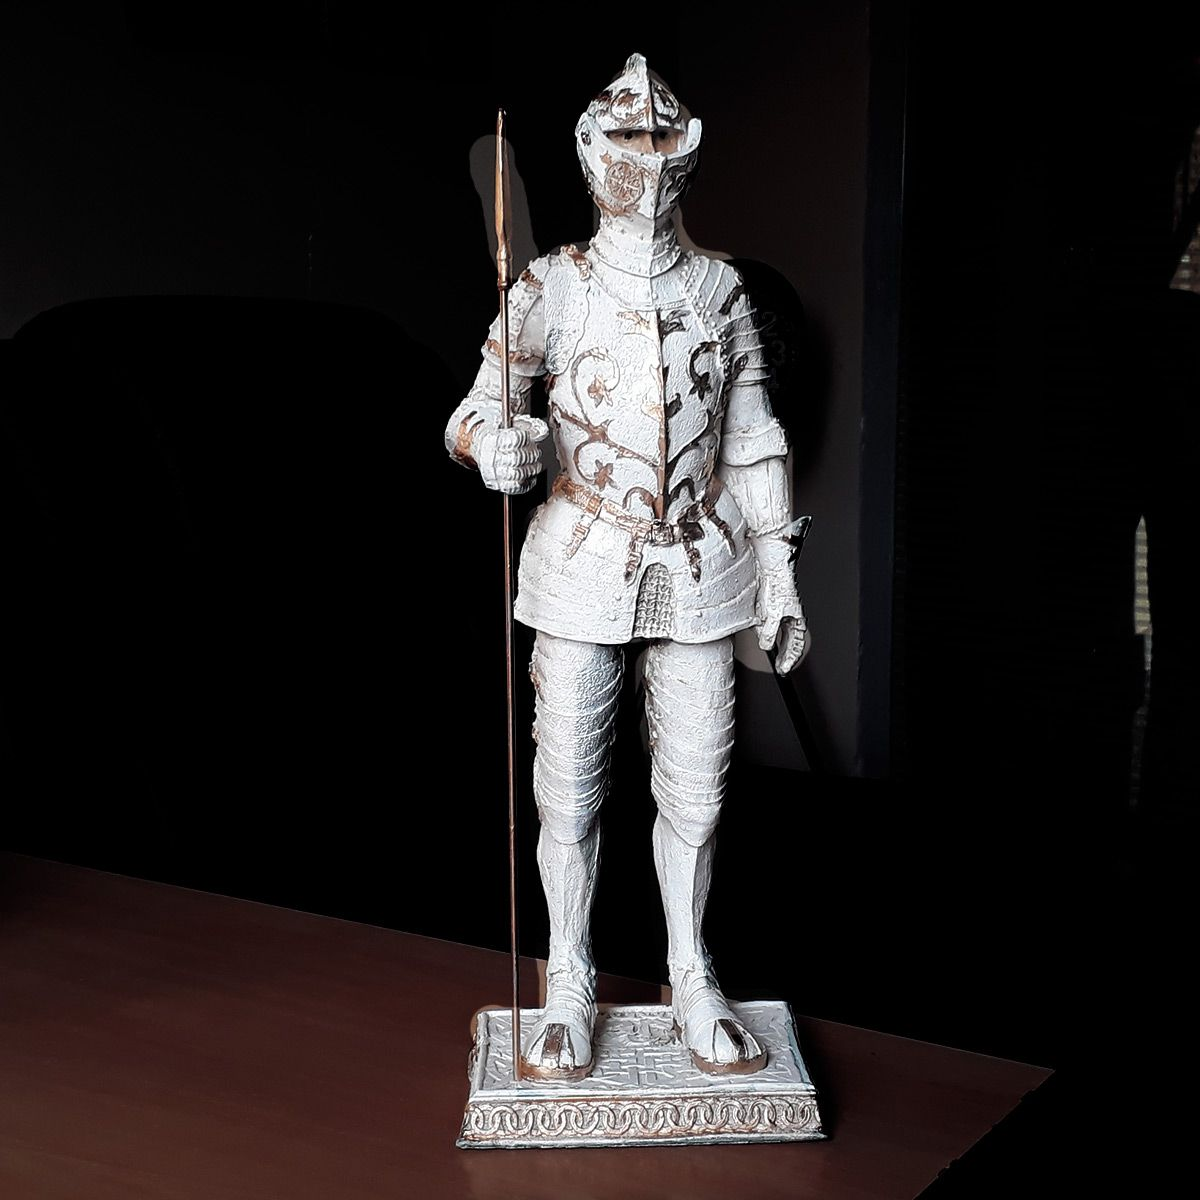 Estatua Guerreiro Medieval Withe e Gold c/ Lança 40cm